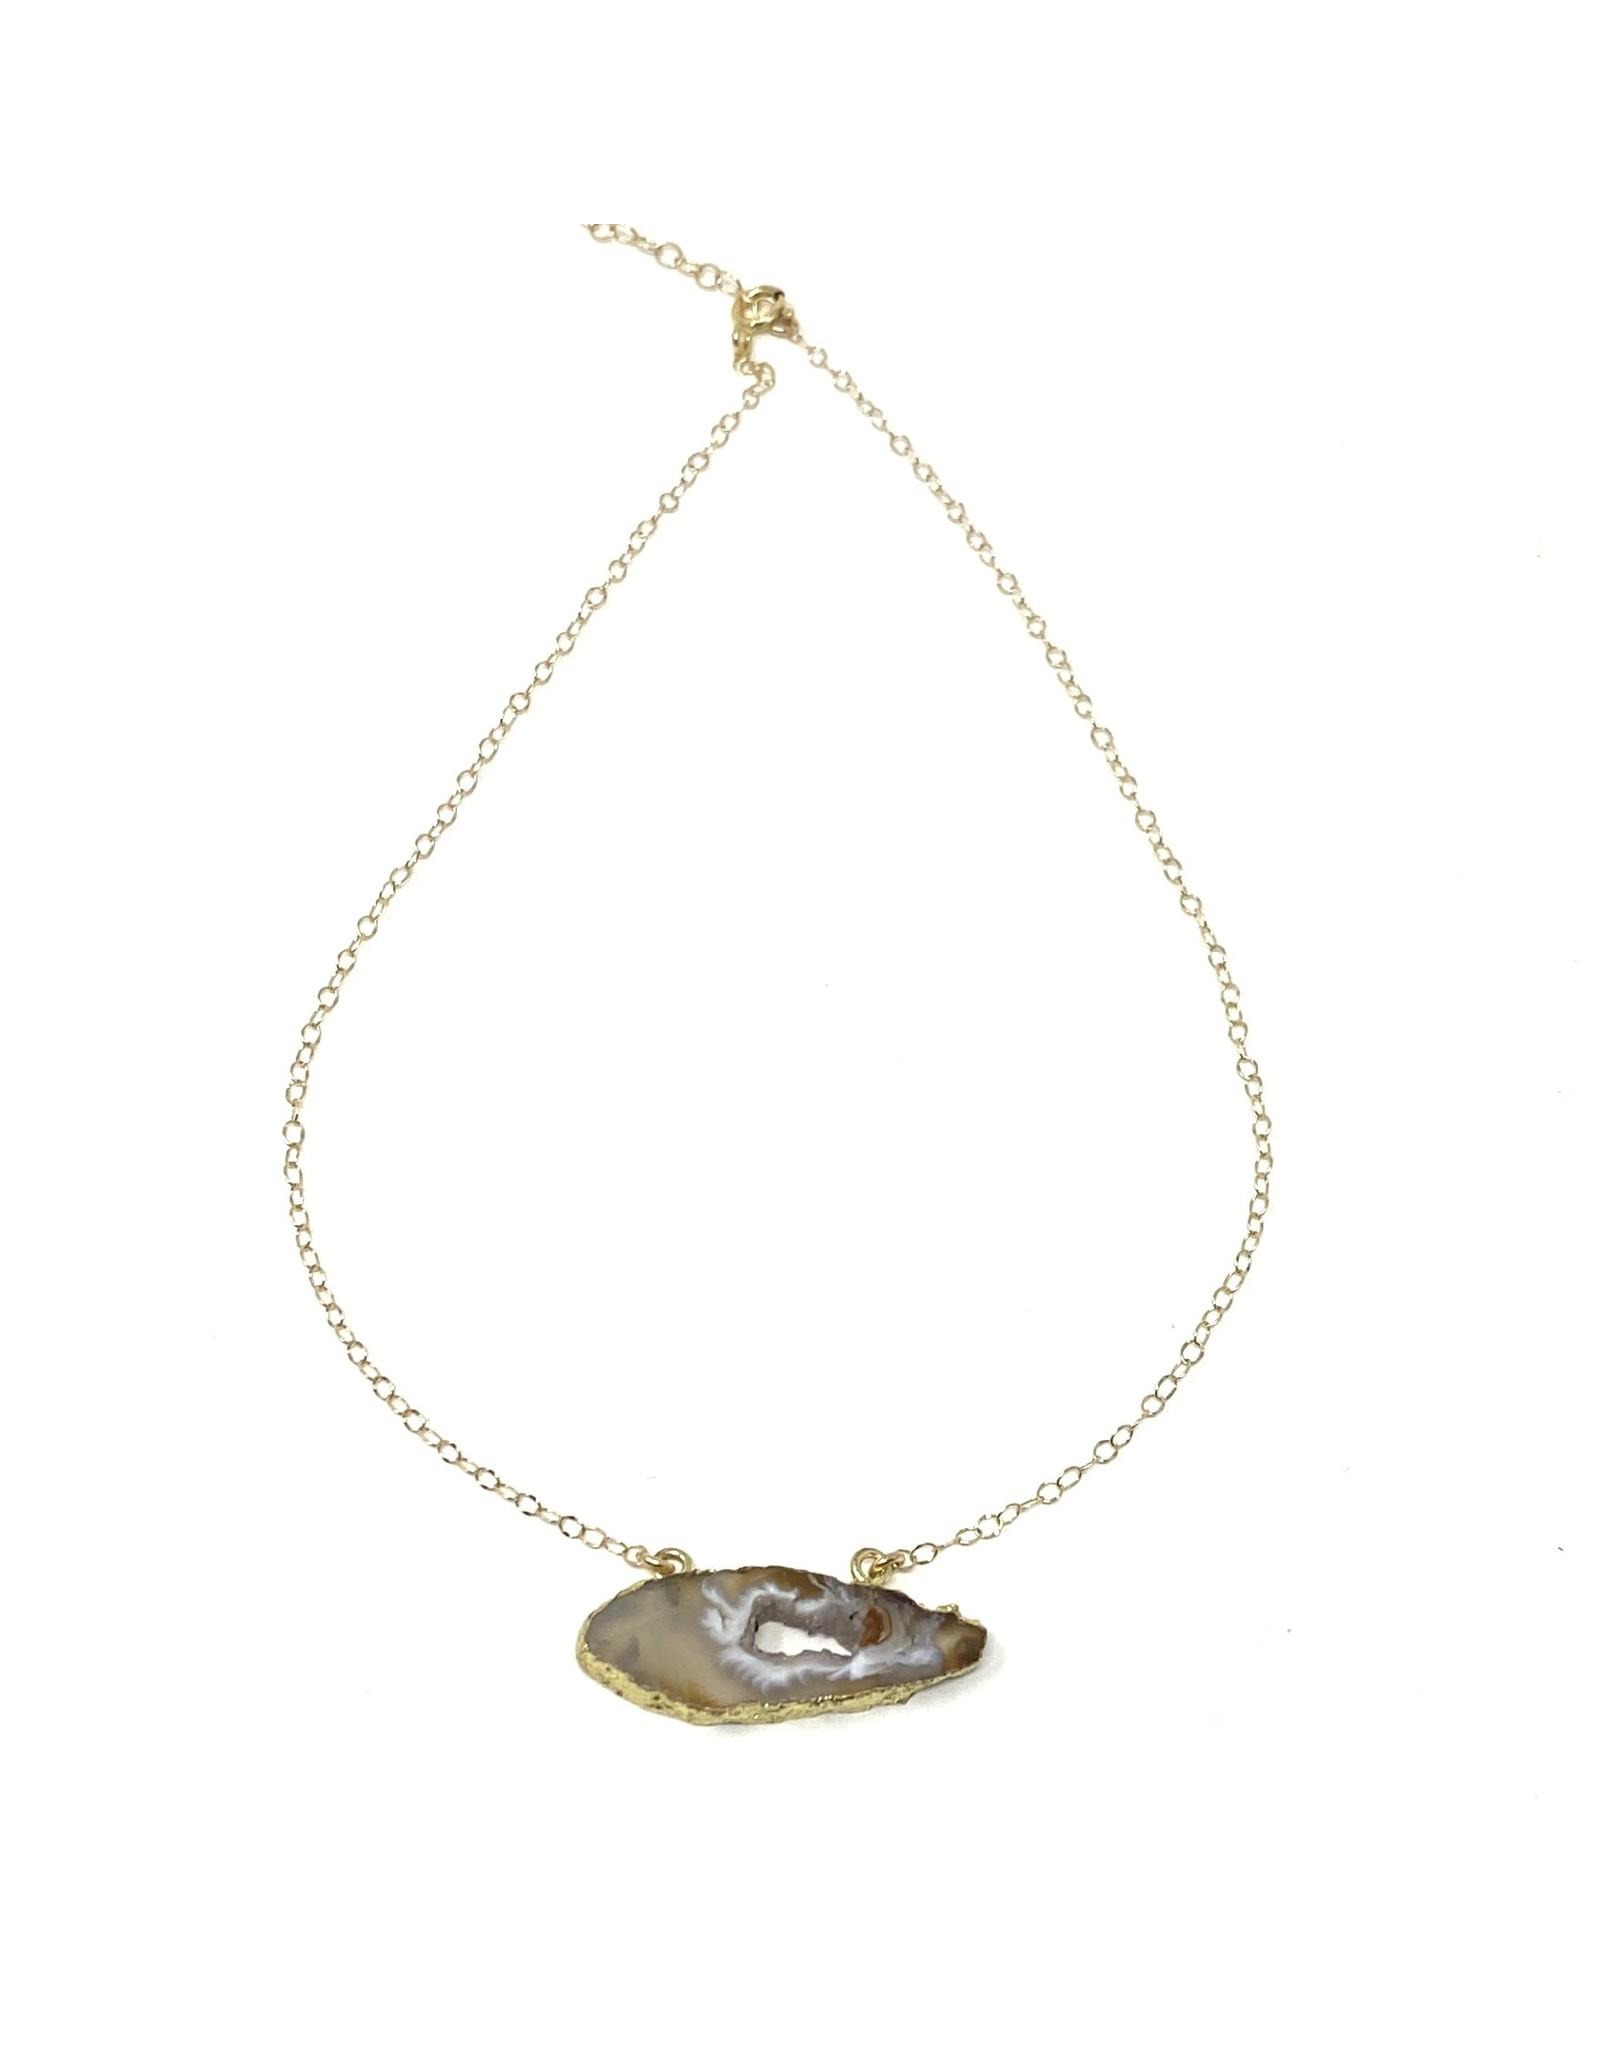 GF Druzy Pendant Necklace